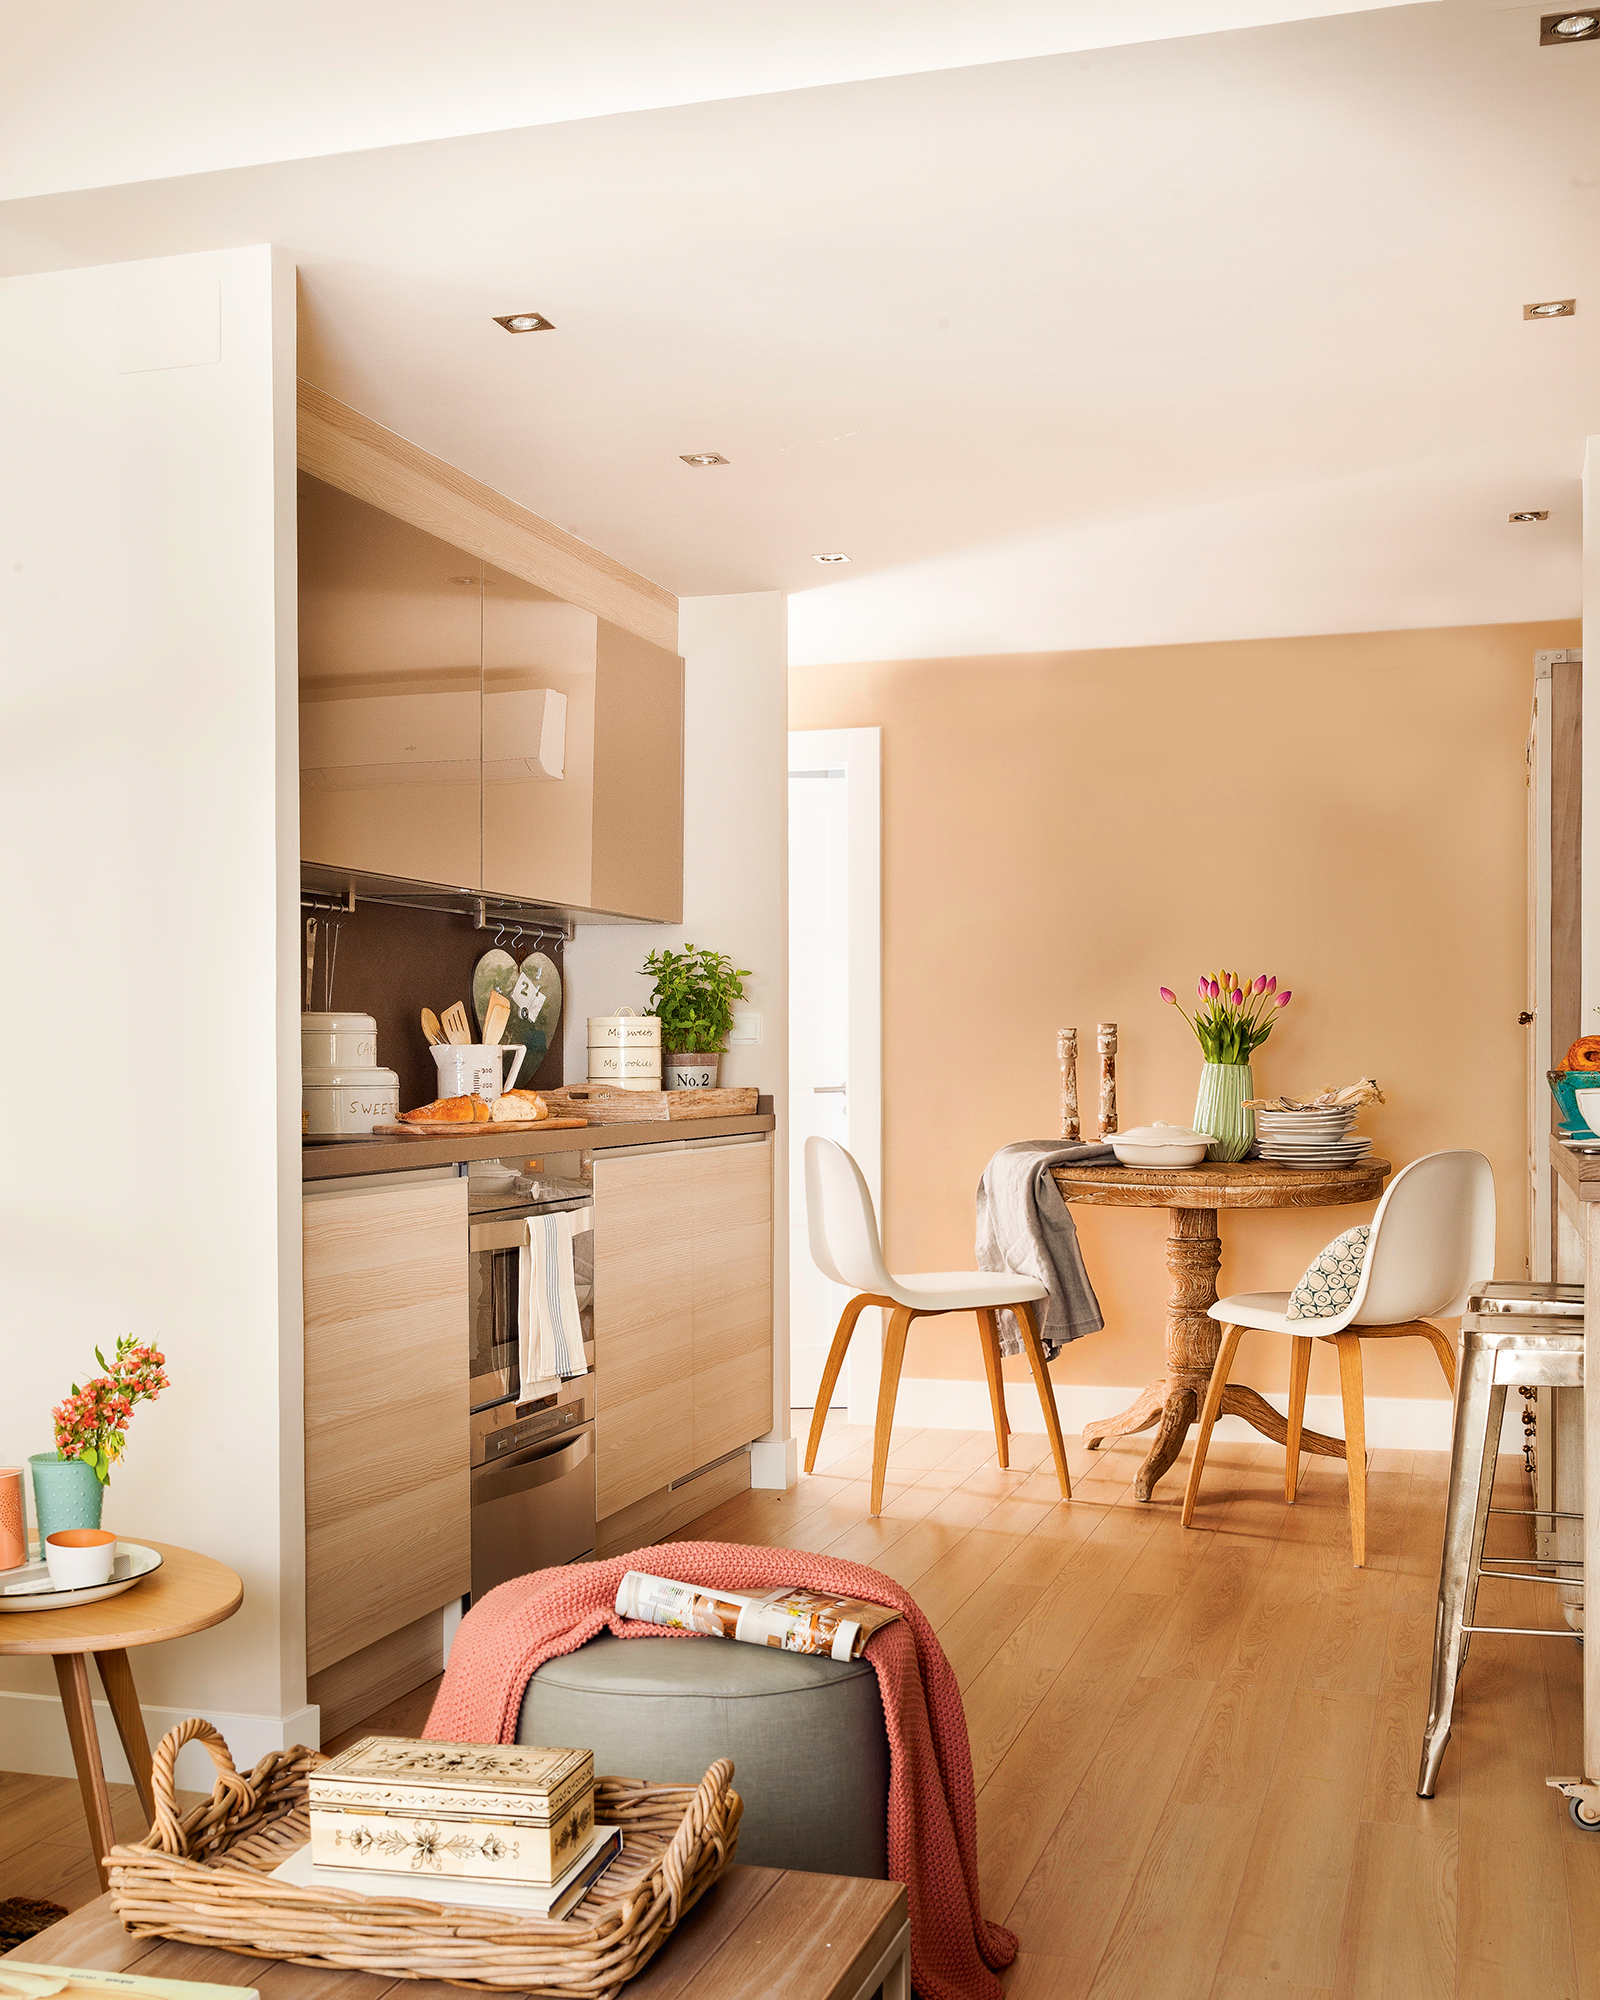 cocina pequea con muebles en un solo frente situada entre el comedor y el saln with muebles de cocina pequeas